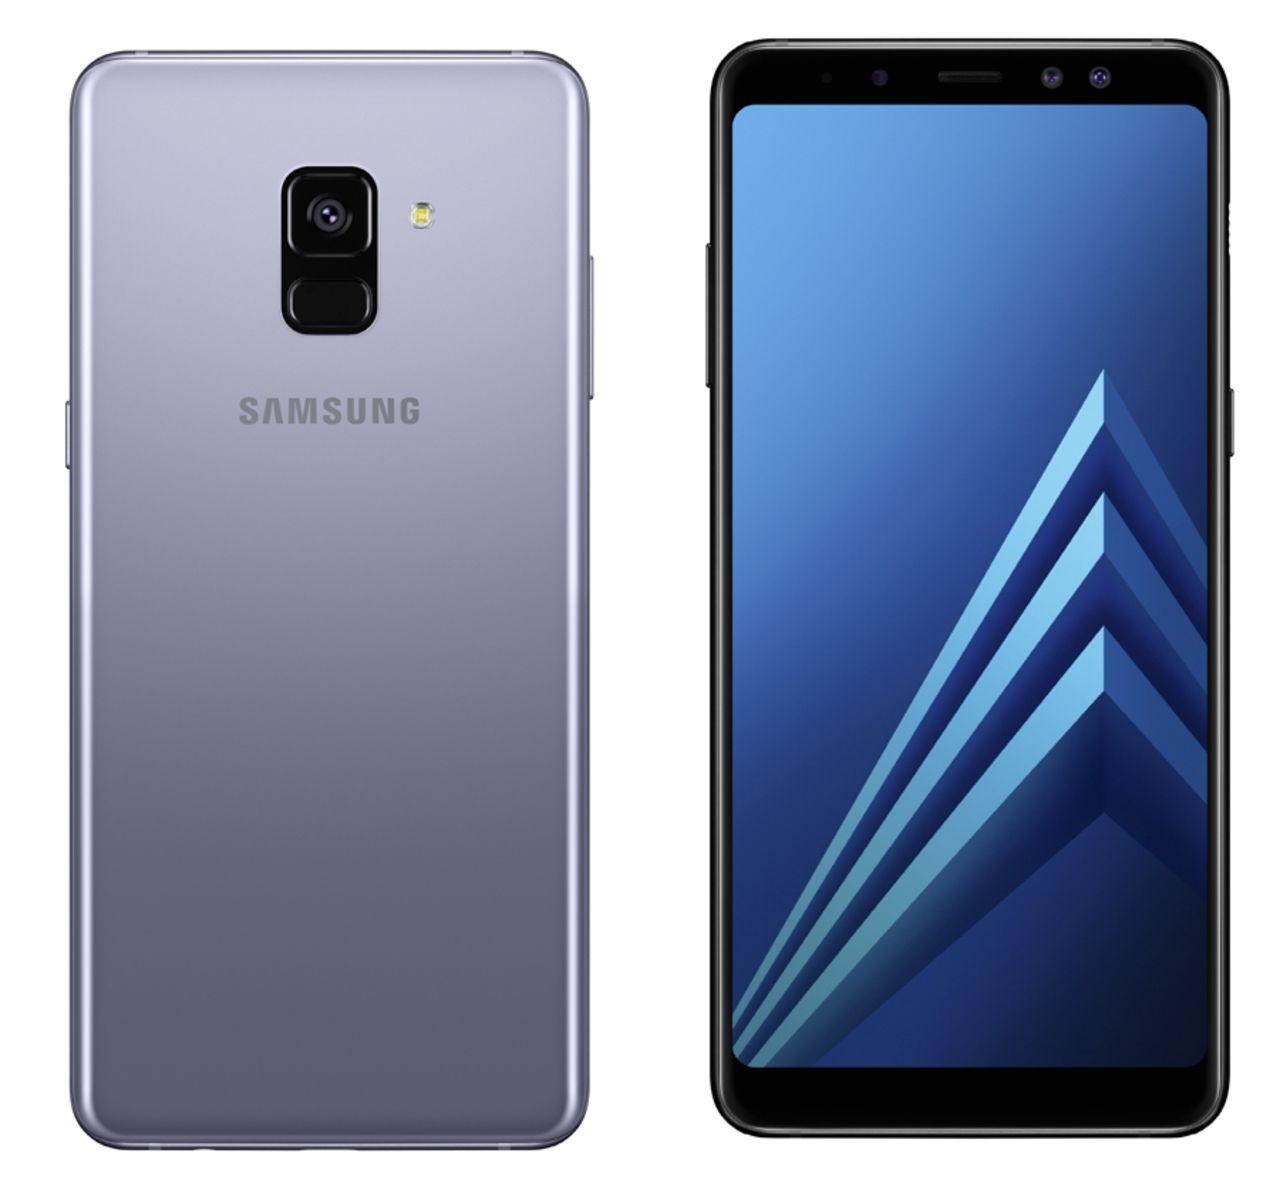 Prix réparation Samsung Galaxy A8 PLUS 2018 par Alloréparation